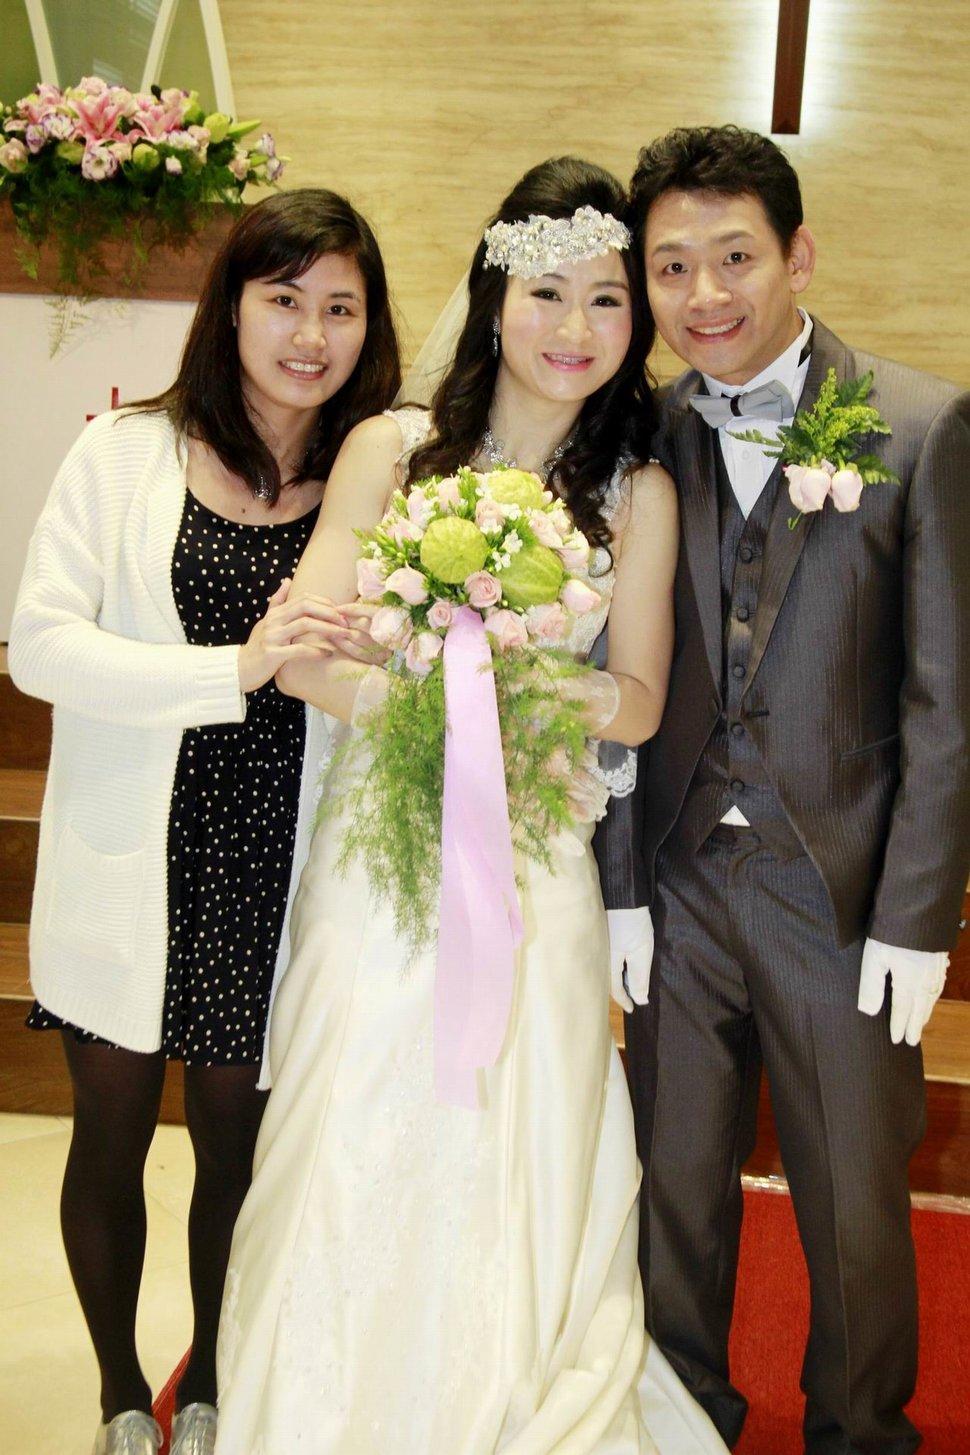 汐止那米哥餐廳婚宴會館餐廳婚攝j婚錄結婚迎娶婚禮記錄動態微電影錄影專業錄影平面攝影婚禮紀錄婚攝婚錄主持人(編號:280699) - 蜜月拍照10800錄影12800攝影團隊 - 結婚吧